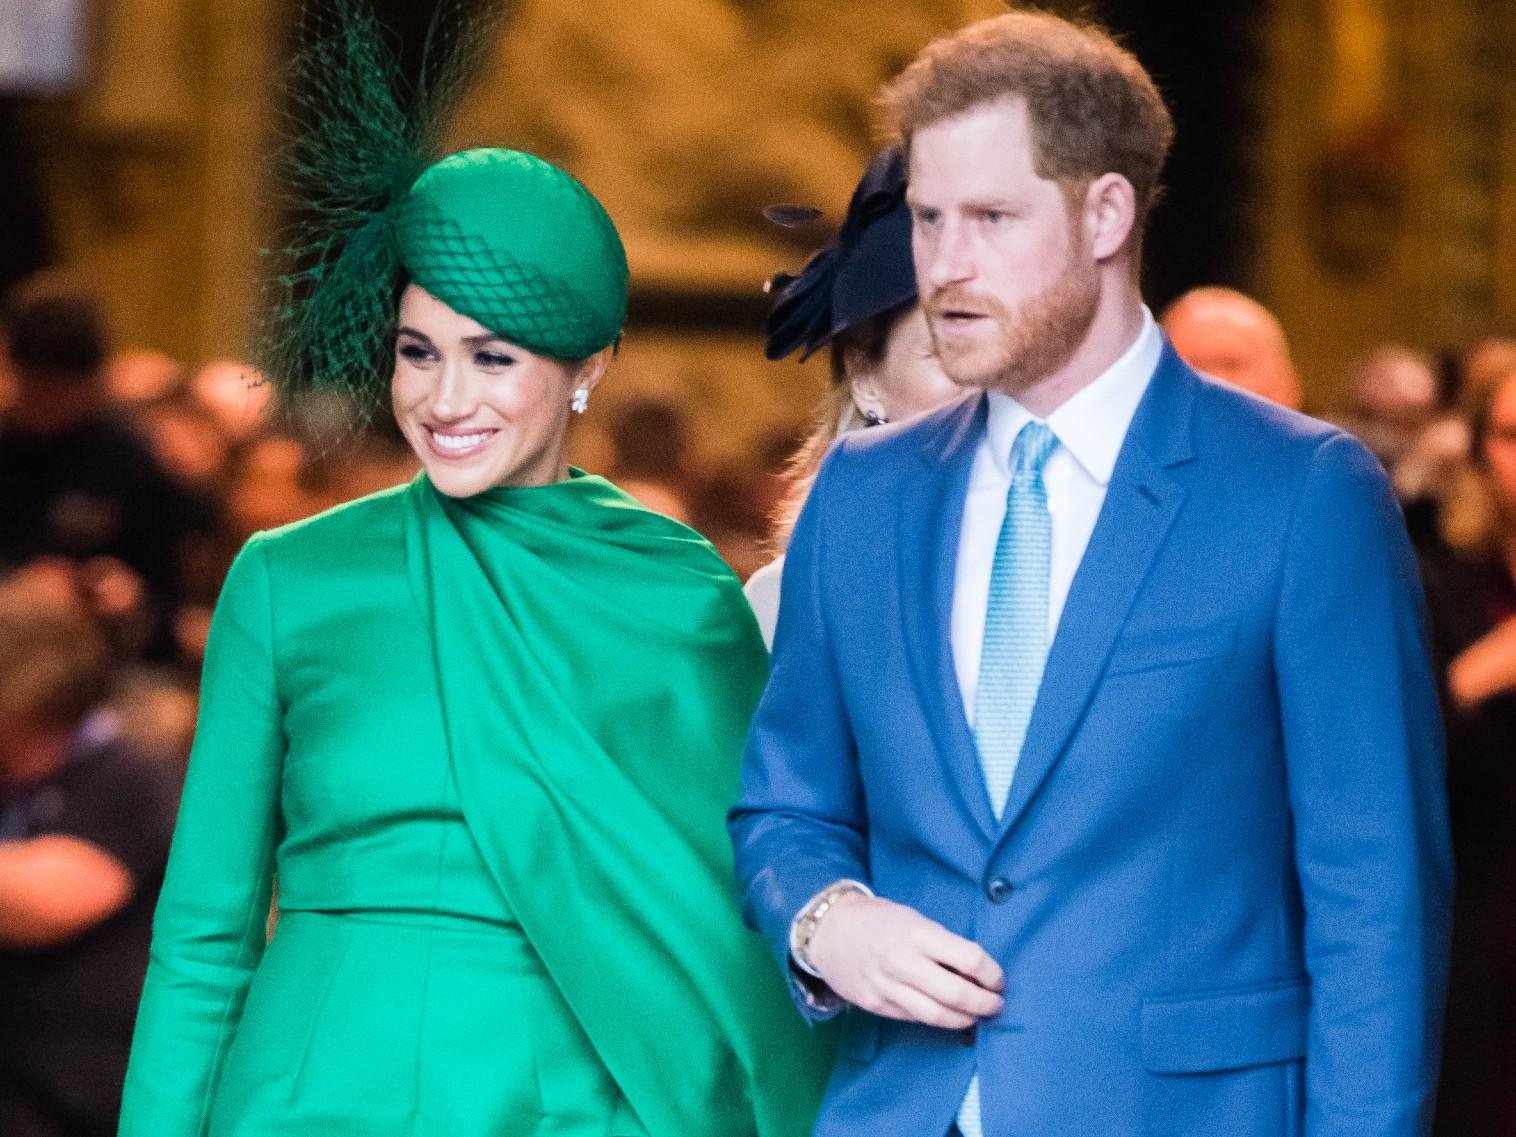 Le prince Harry, duhcesse de Sussex, et Meghan, duchesse de Sussex, assistent à la cérémonie du Commonwealth Day 2020.